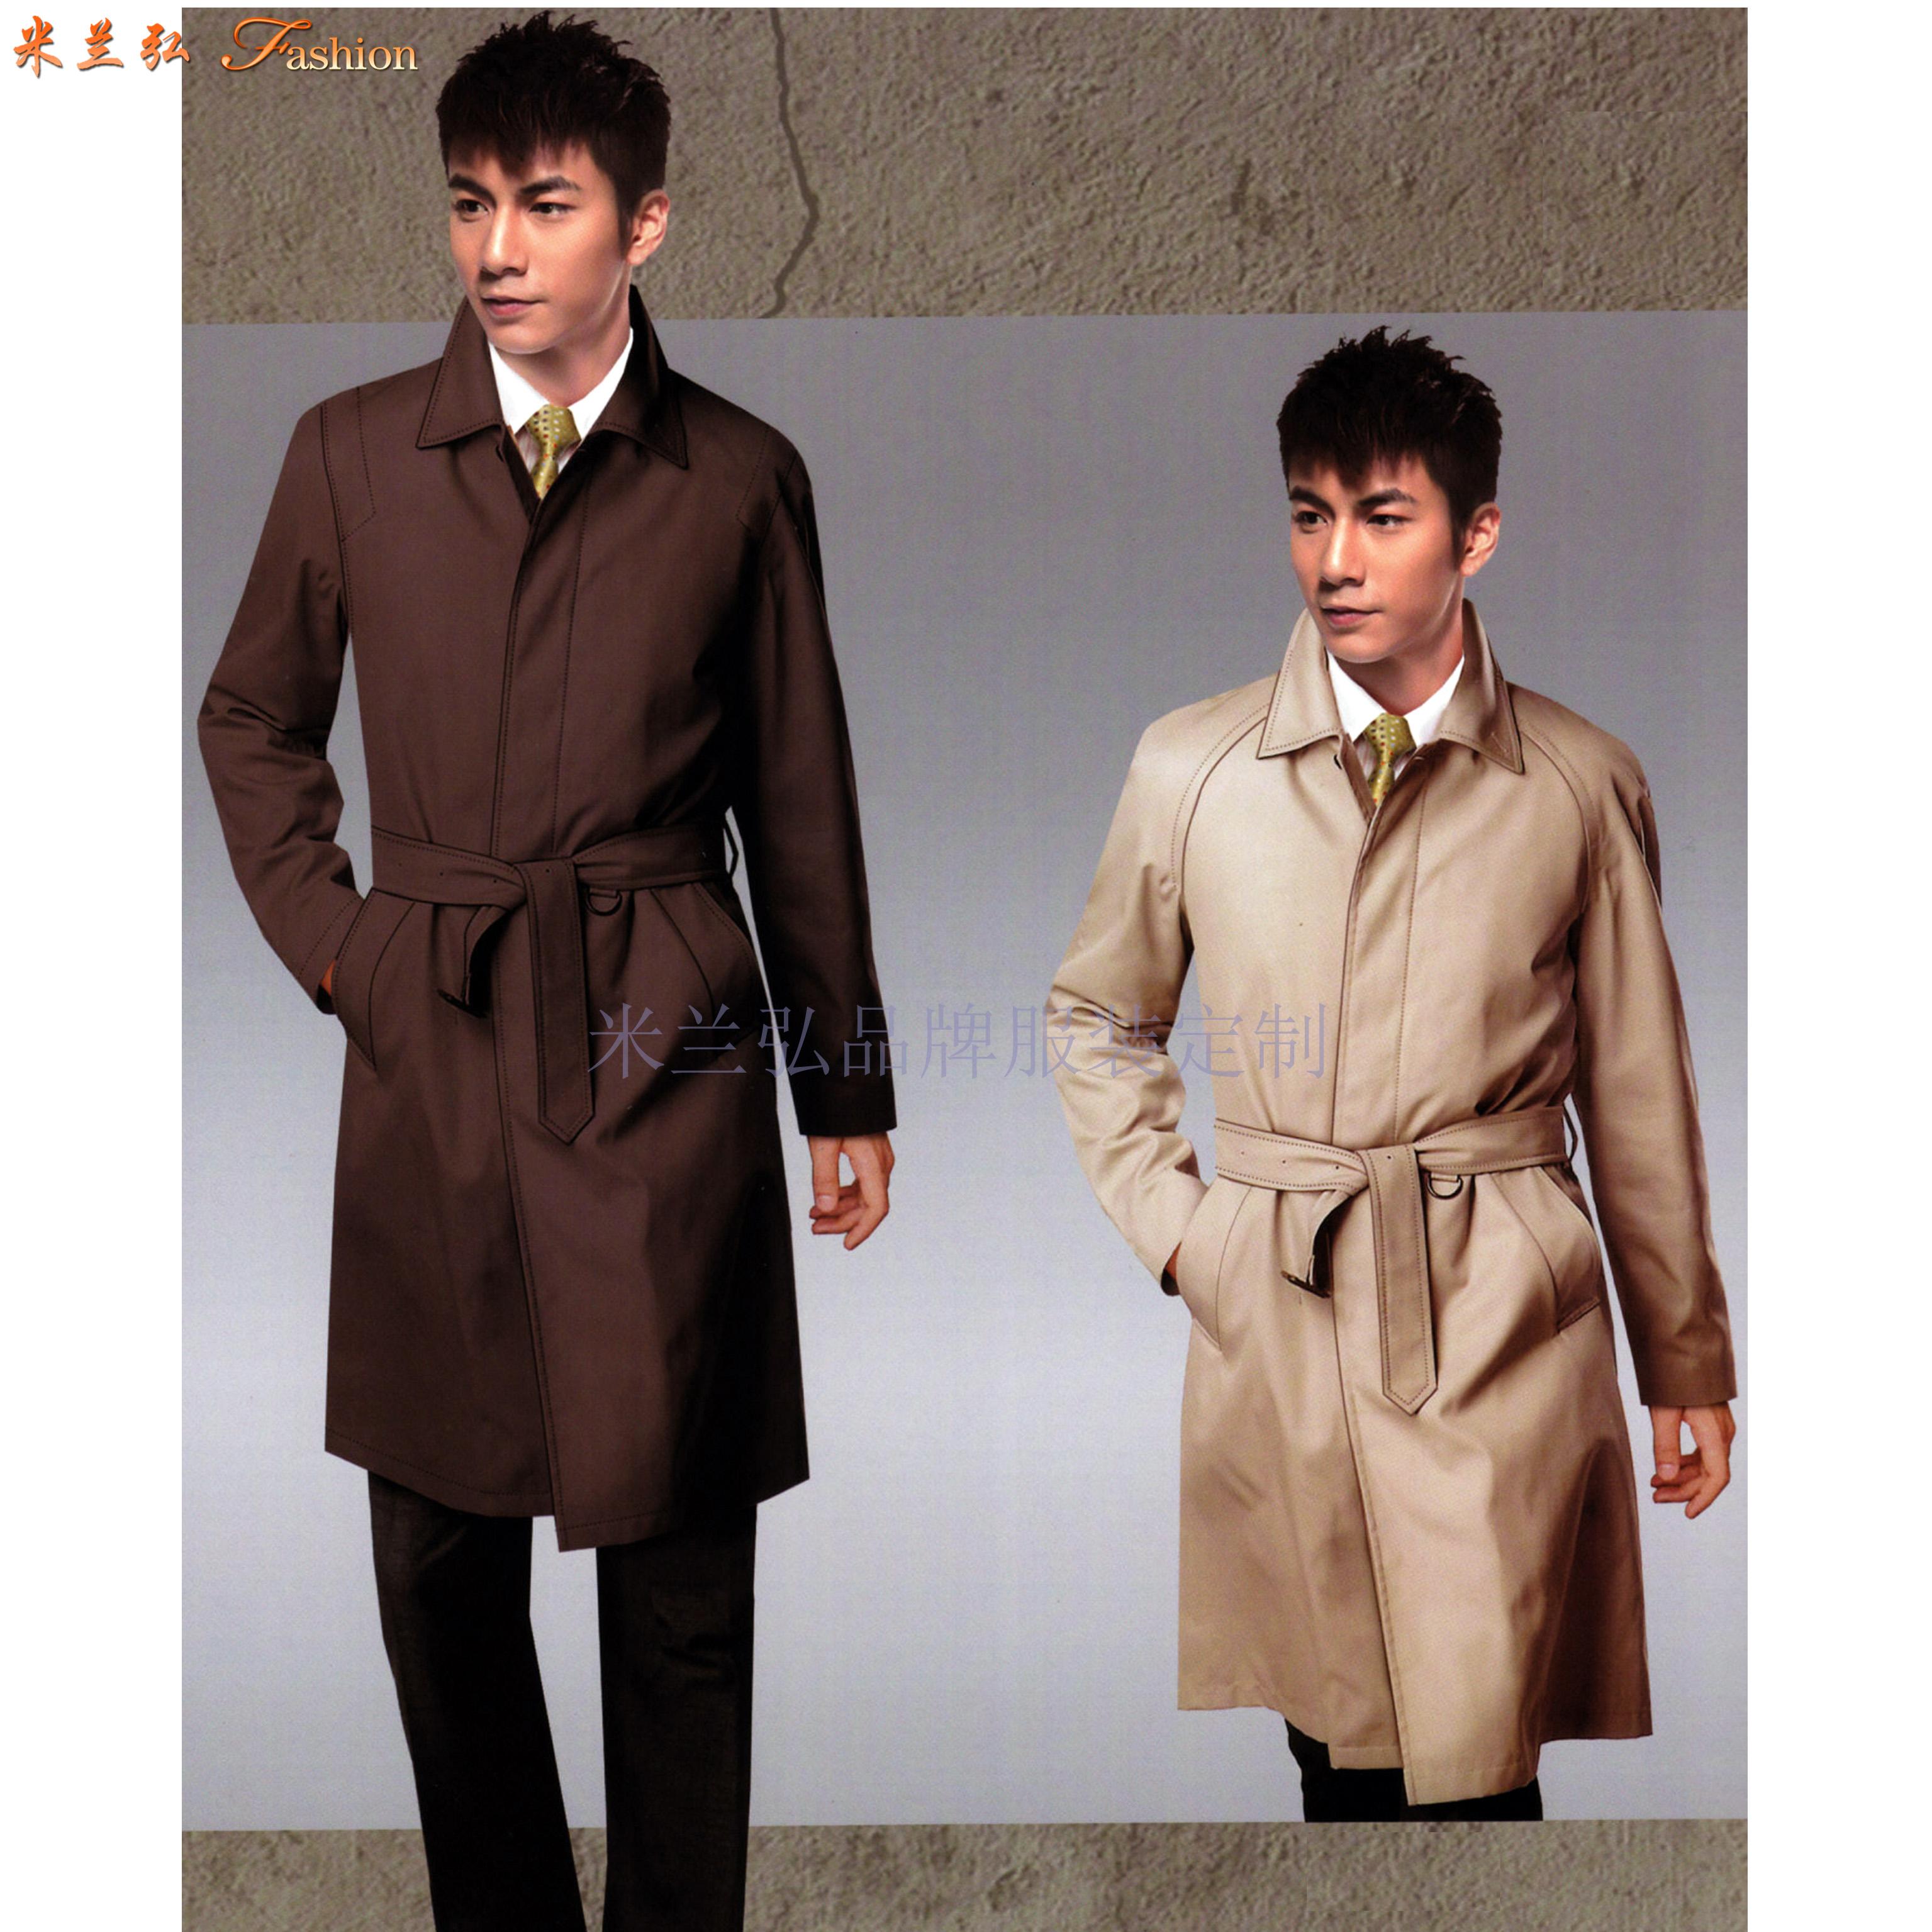 「大衣」銀川定制羊毛商務大衣的貨真價實公司-米蘭弘服裝-5